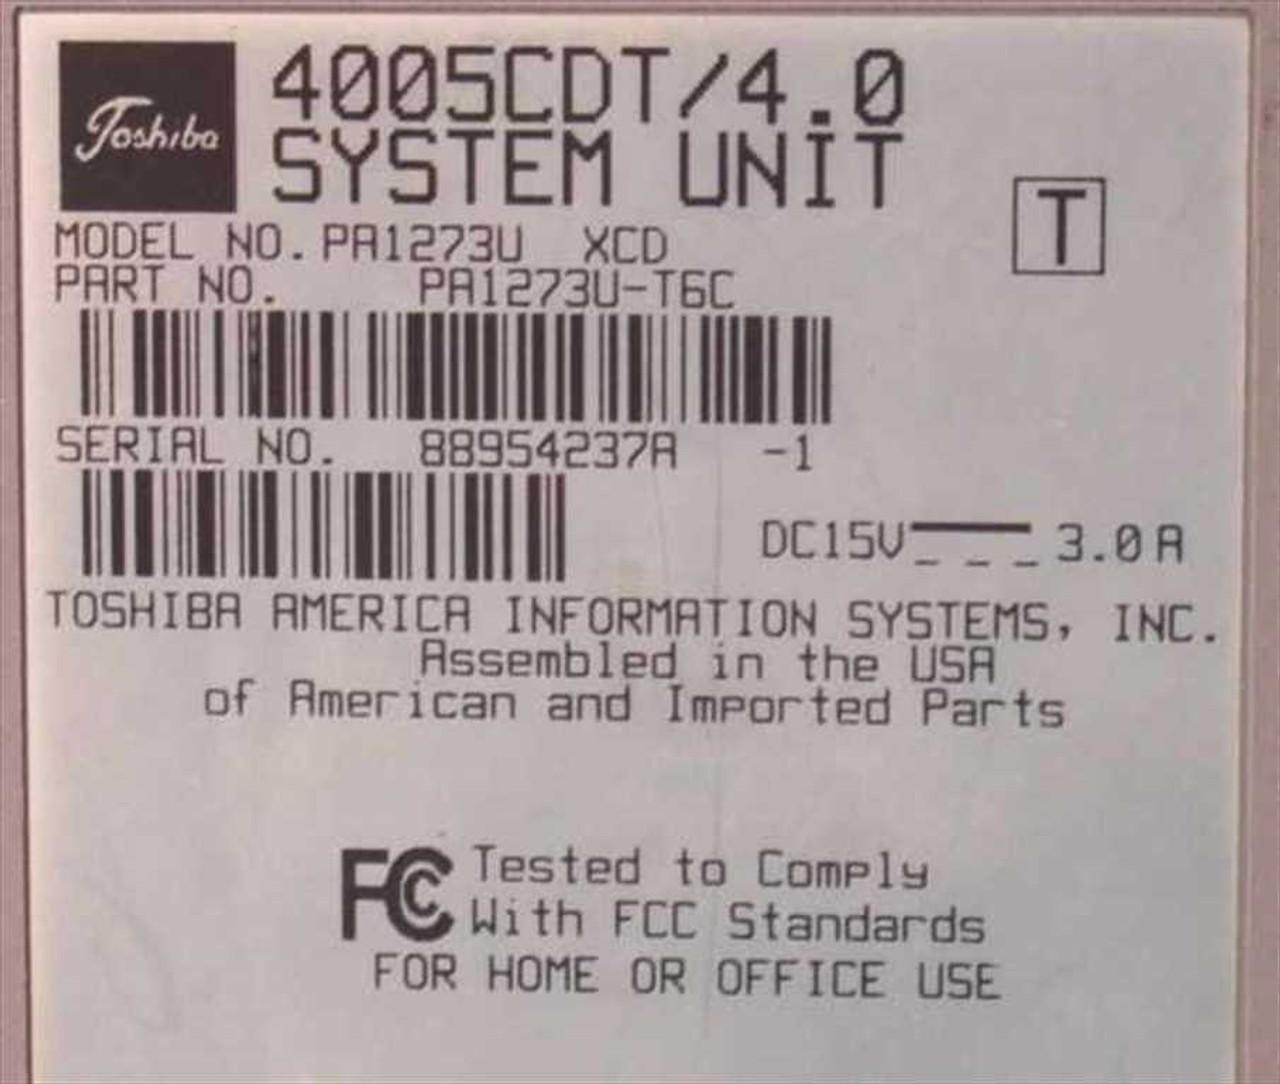 Toshiba PII 233 MHz Satellite 4005CDS 32RAM 4 0GbHDD PA1273U-S6C